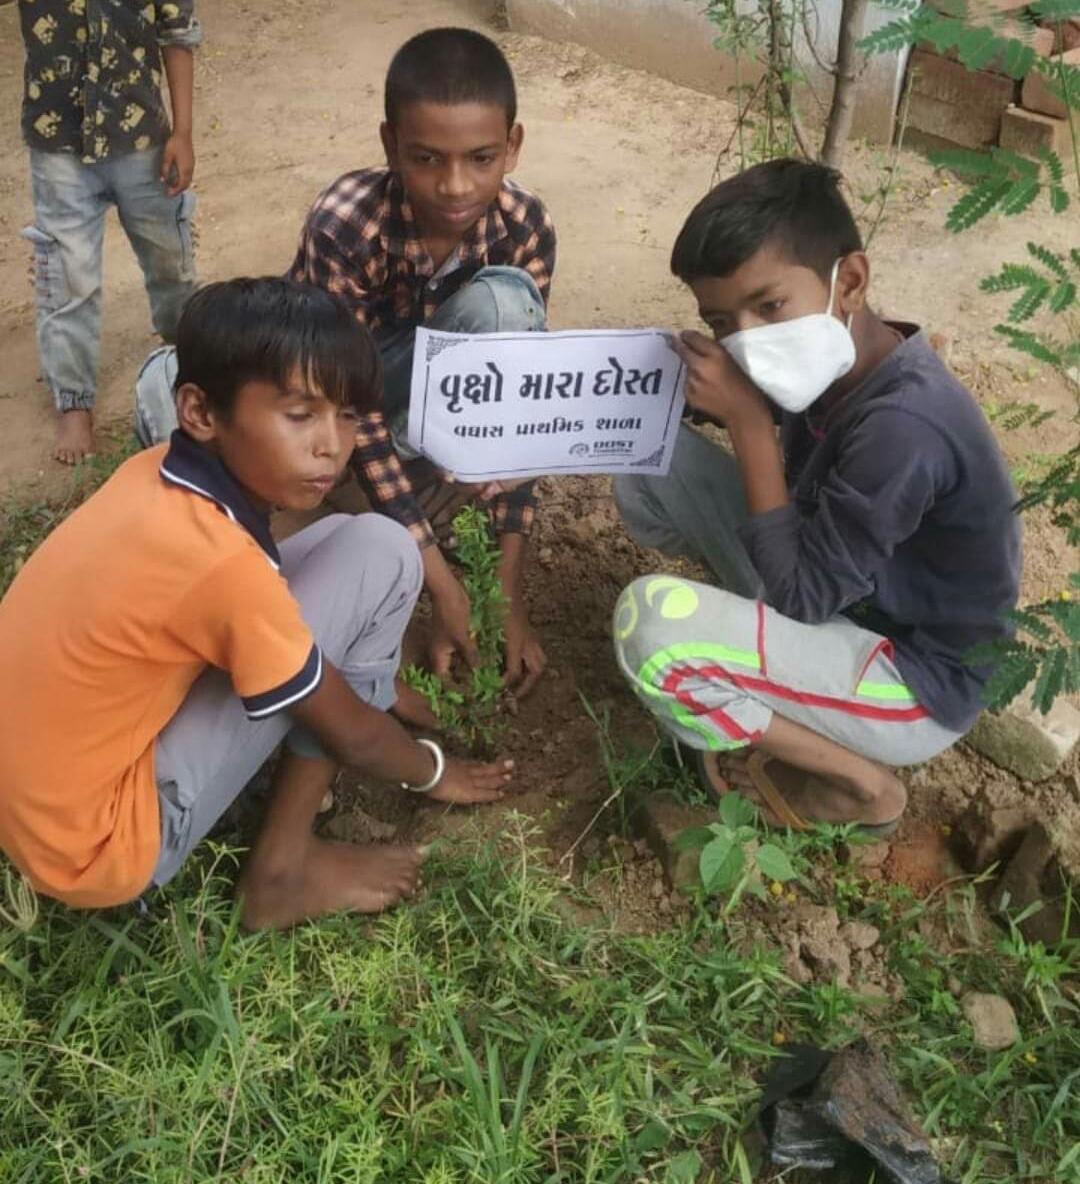 """""""વૃક્ષ મારા દોસ્ત"""" હેઠળ બાળકોએ હોંશે હોંશે વૃક્ષારોપણ કર્યુ. - Divya Bhaskar"""